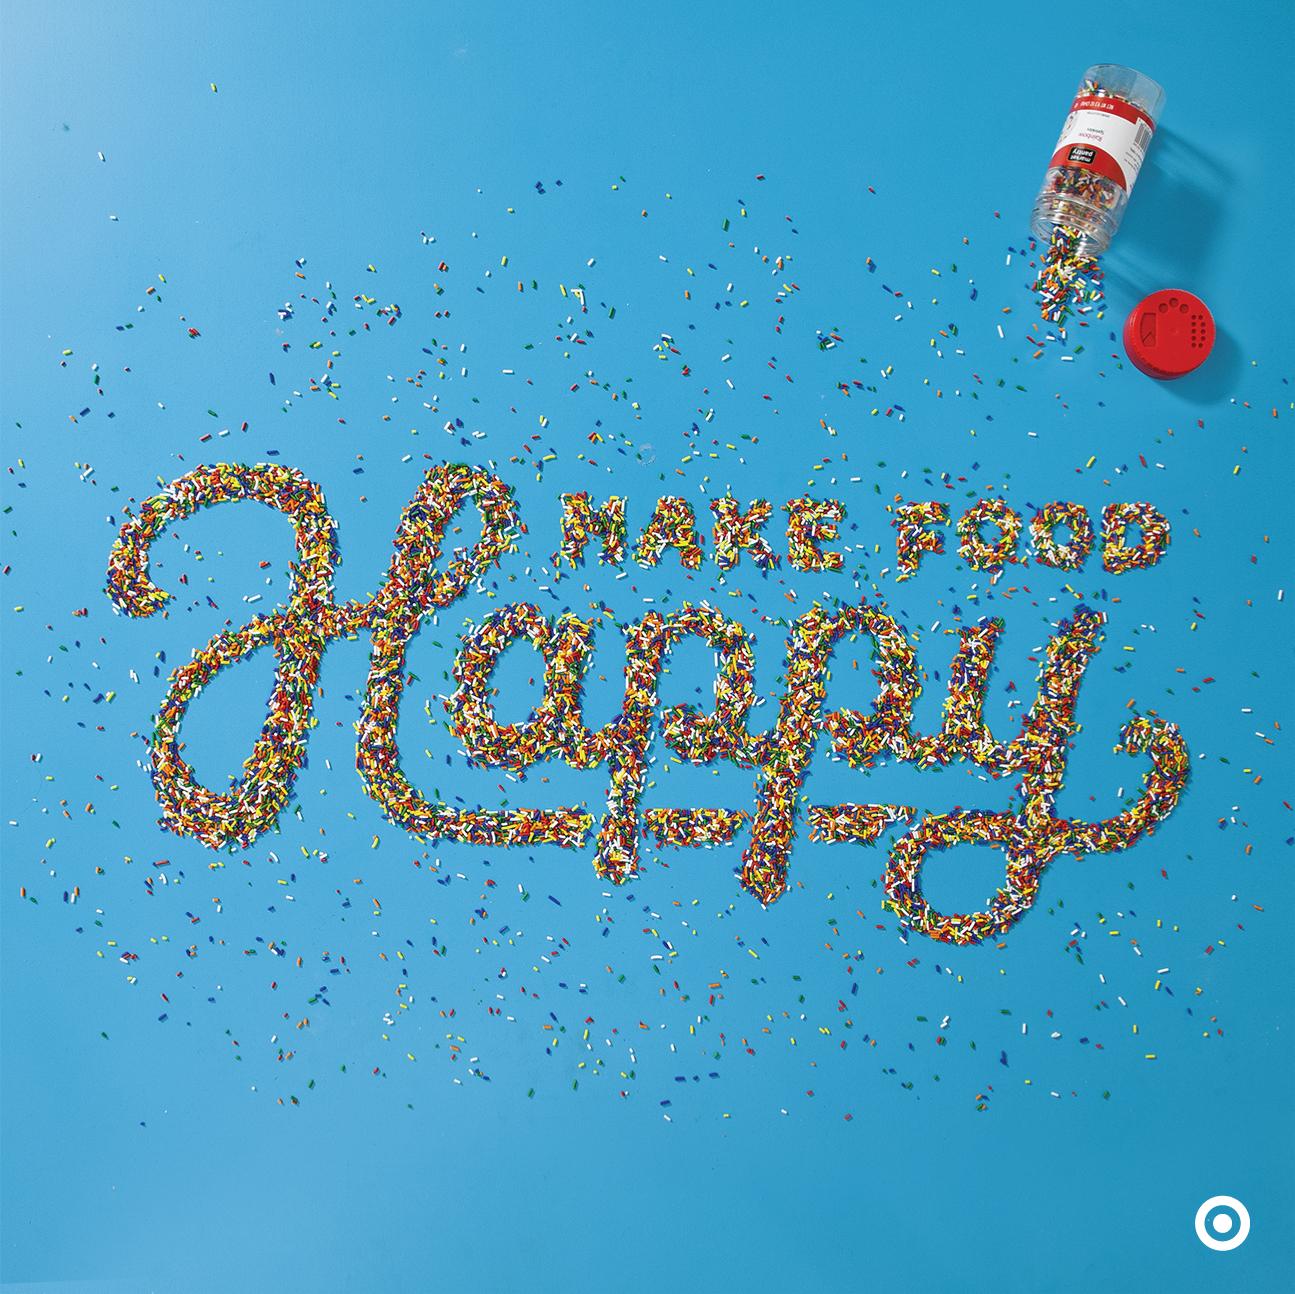 FFT_Sprinkles.jpg